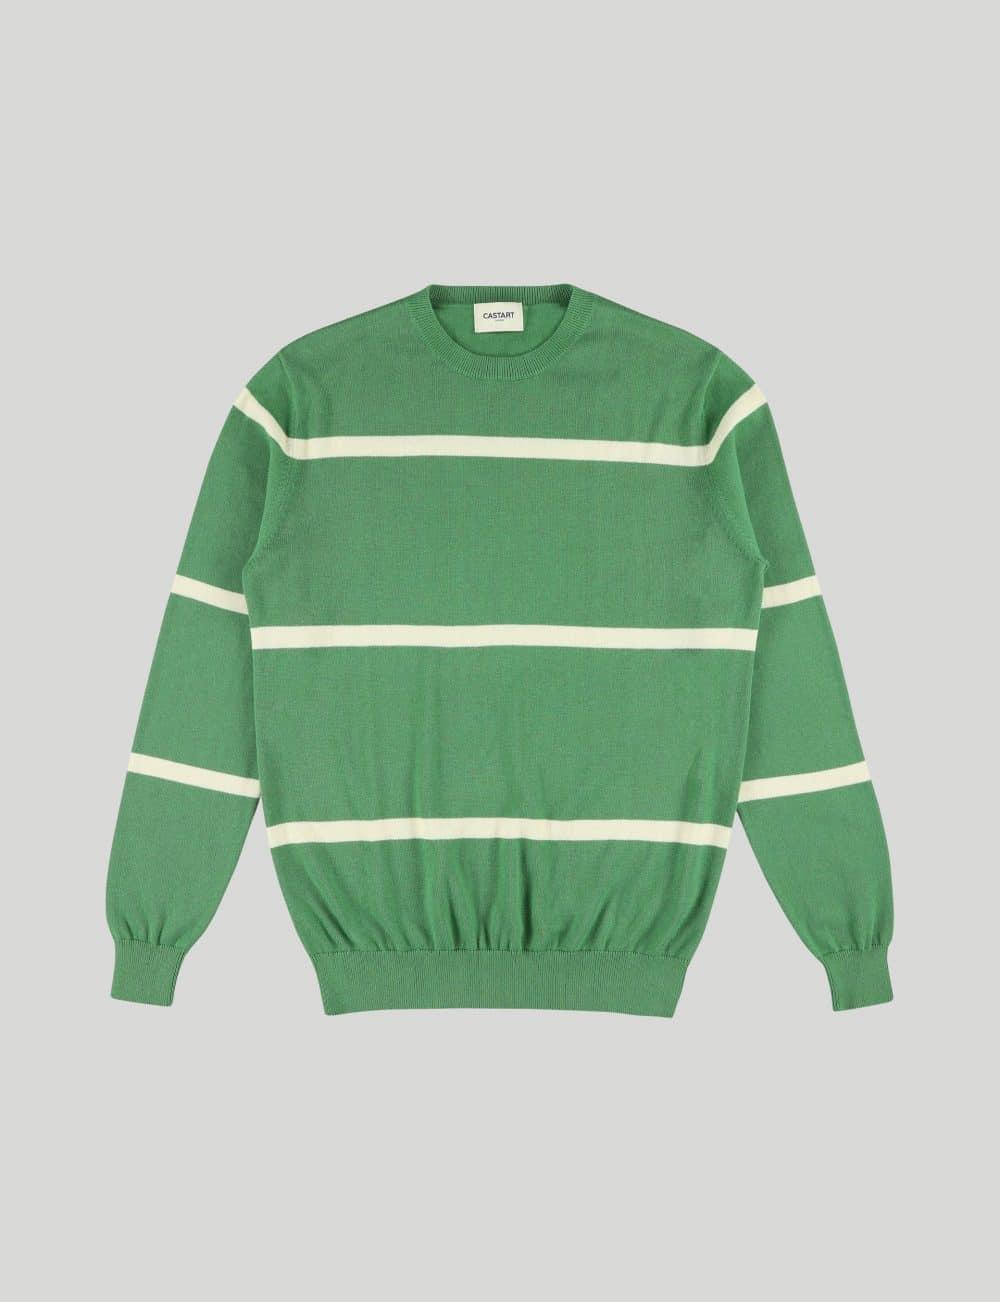 Castart - Pendine knitwear - Green